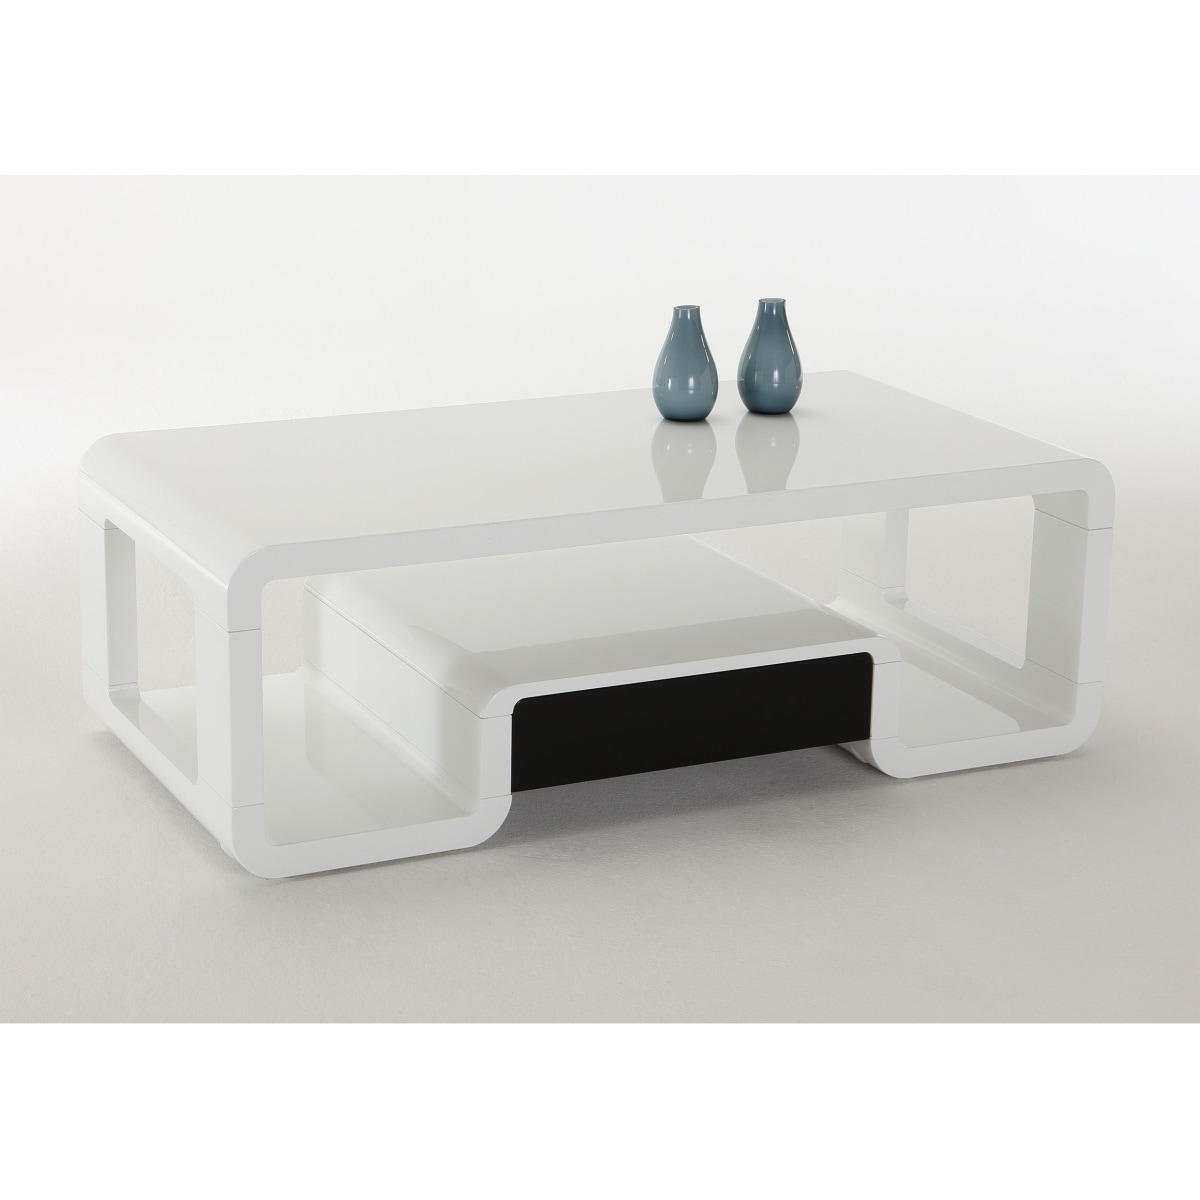 couchtisch nico wei mdf hochglanz ca 120x40x60 cm couchtische beistelltische wohnen. Black Bedroom Furniture Sets. Home Design Ideas